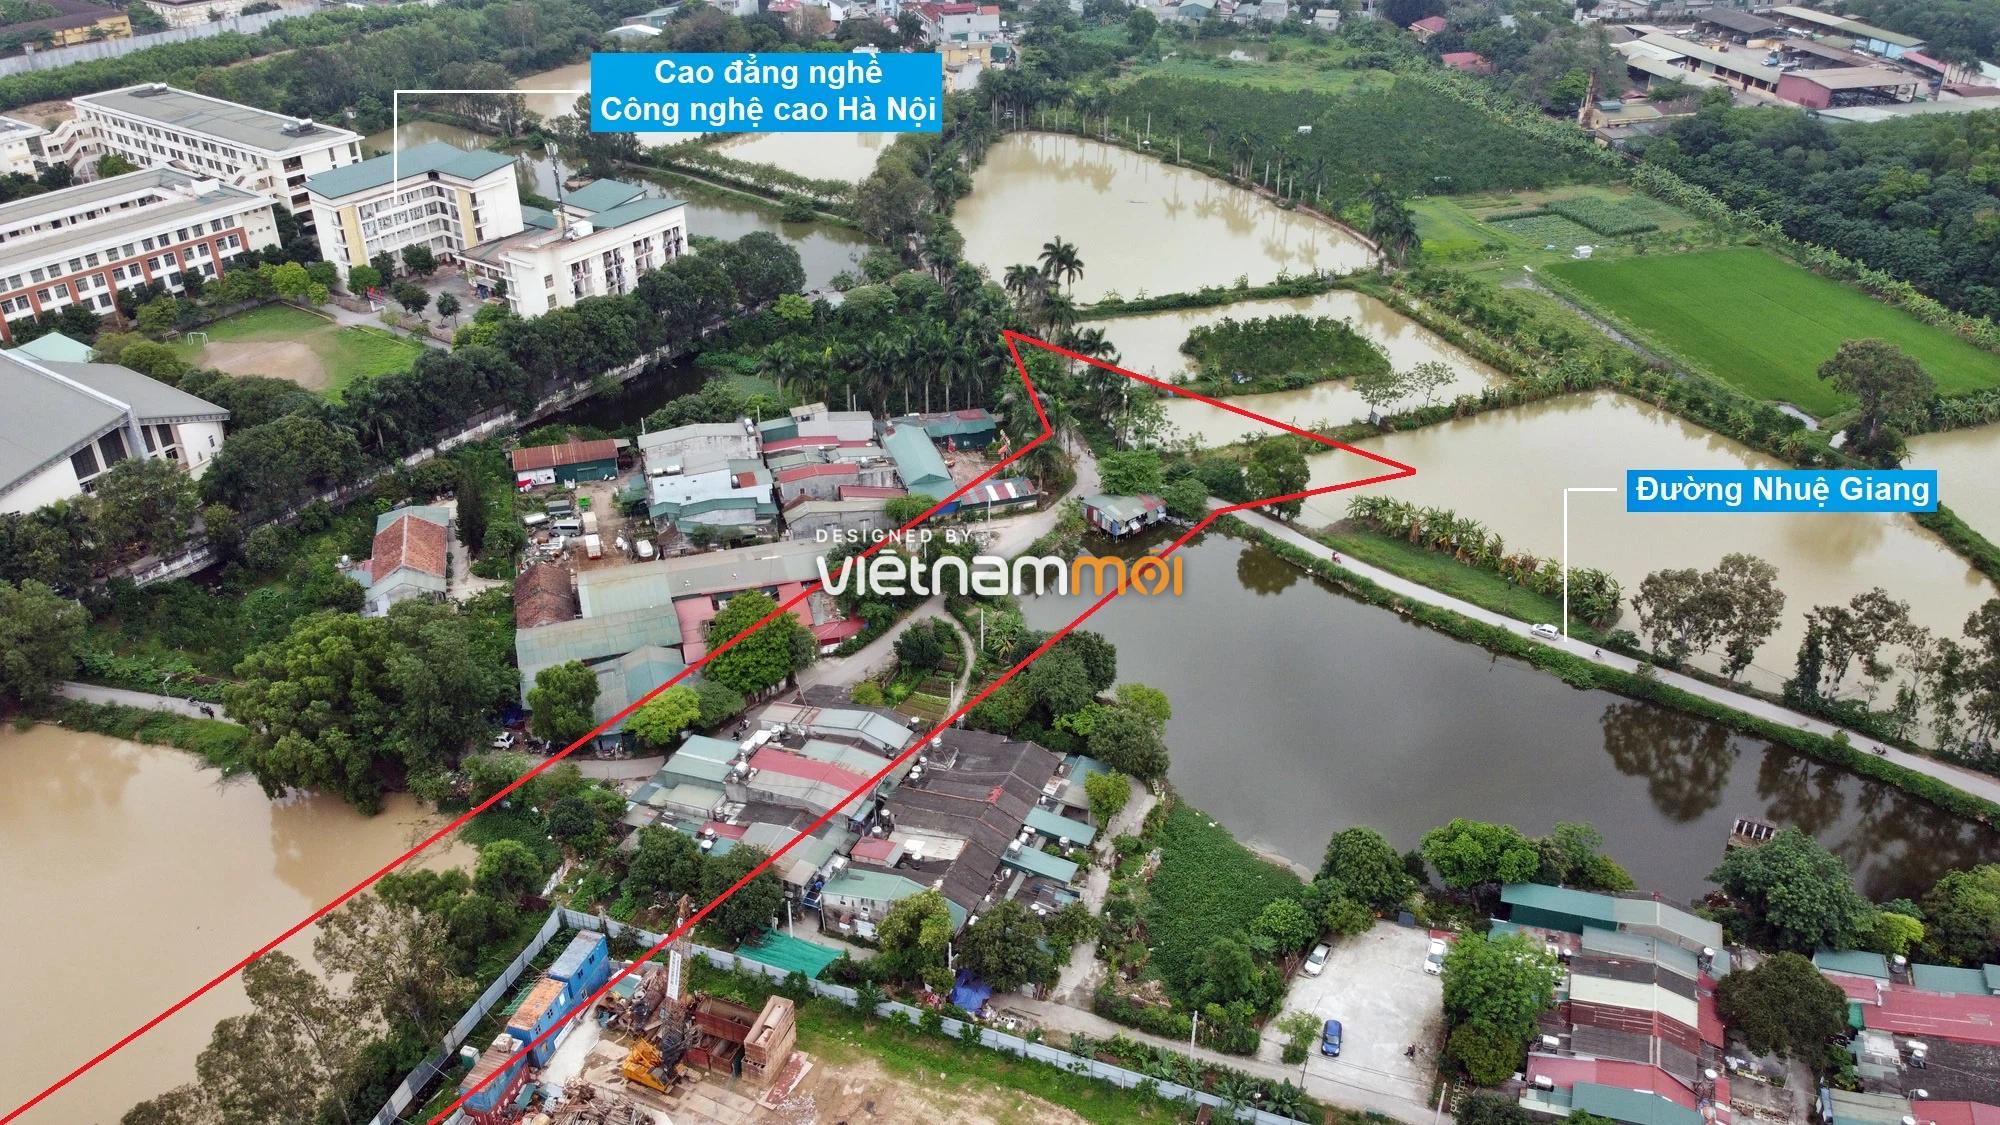 Những khu đất sắp thu hồi để mở đường ở phường Tây Mỗ, Nam Từ Liêm, Hà Nội (phần 2) - Ảnh 13.